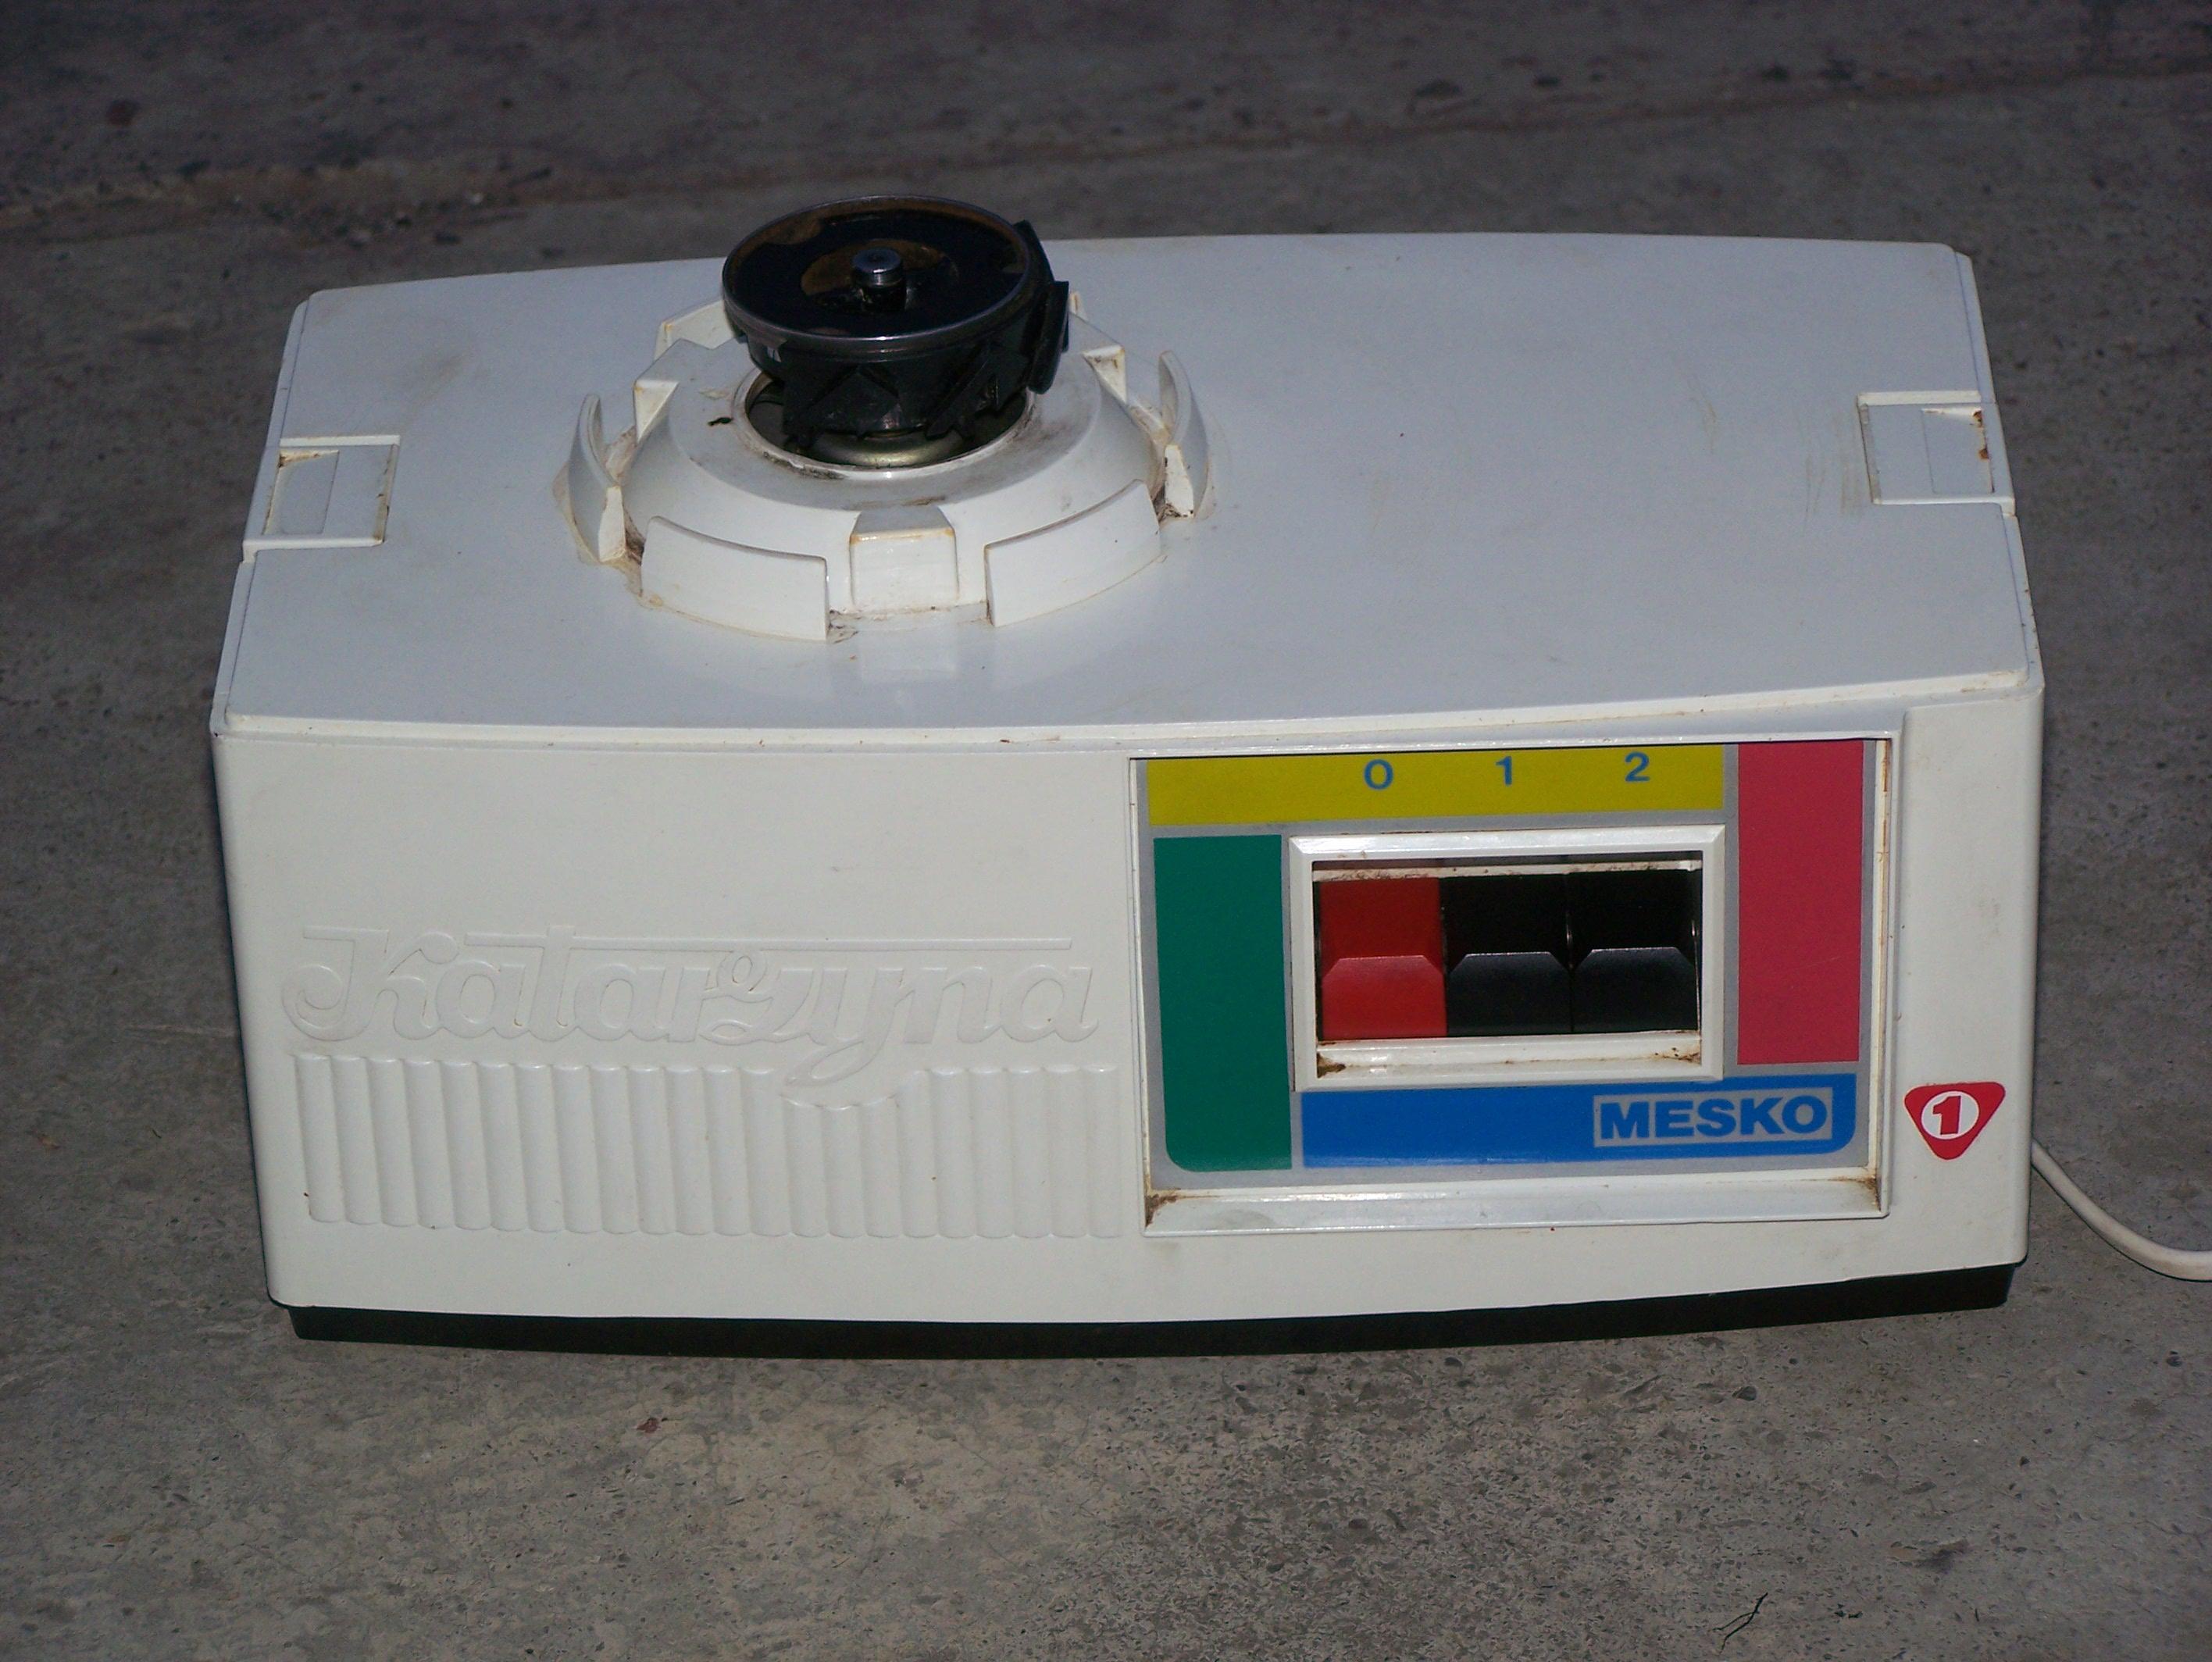 MESKO Sokowirówka KATARZYNA przepalony kondensator